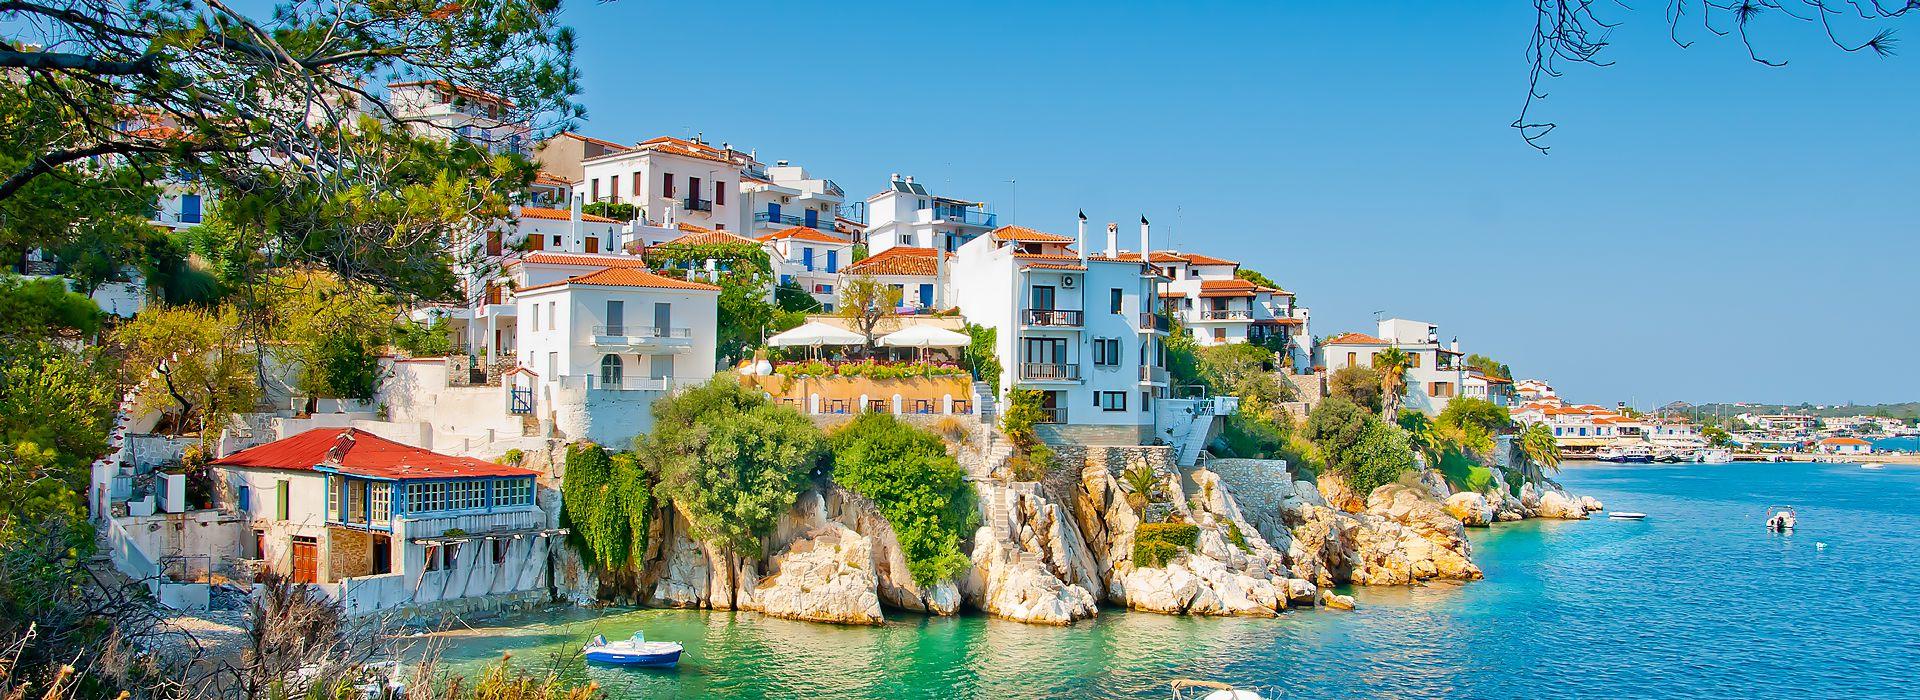 Лучшие пляжи Греции для отдыха с детьми